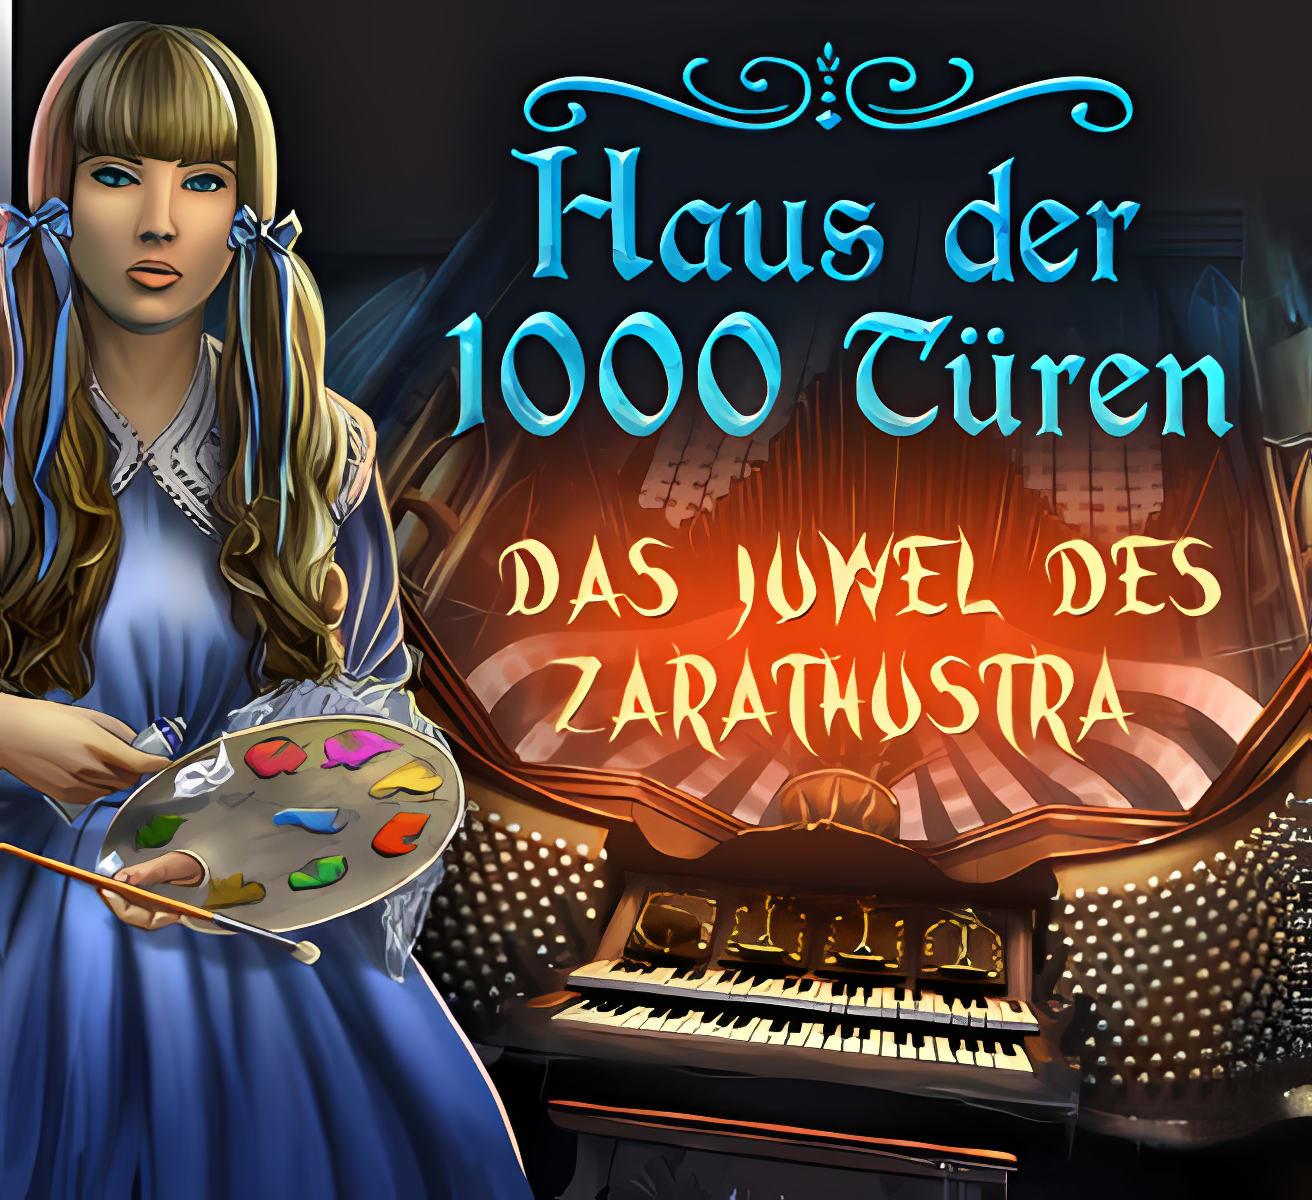 Haus der 1000 Türen: Das Juwel des Zarathustra 1.0.0.46